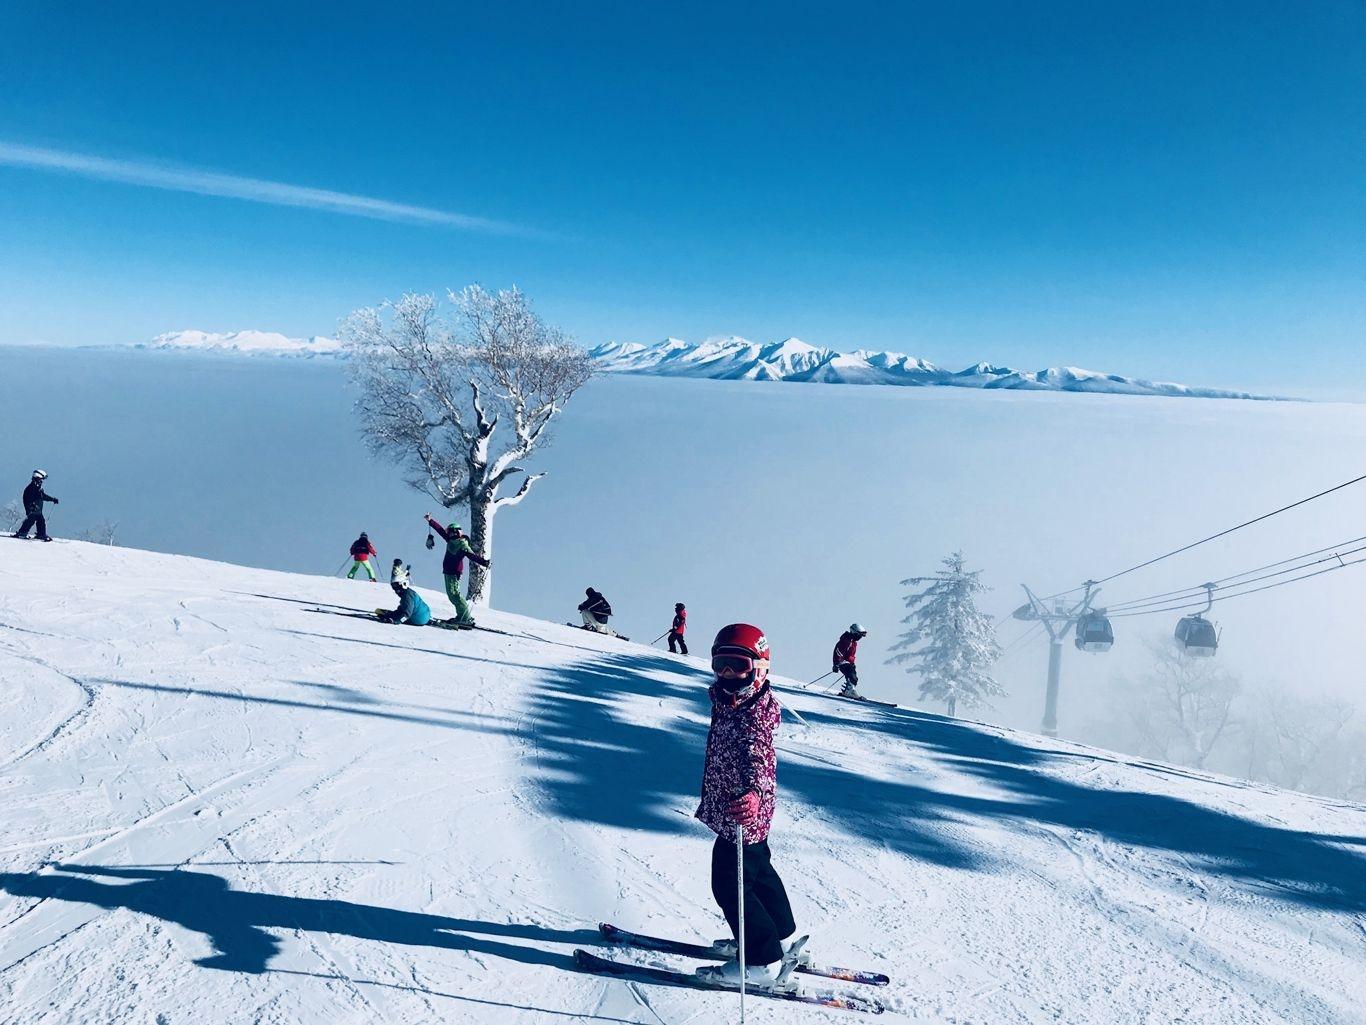 (2018/01/05〜)「スキー場の雲海」